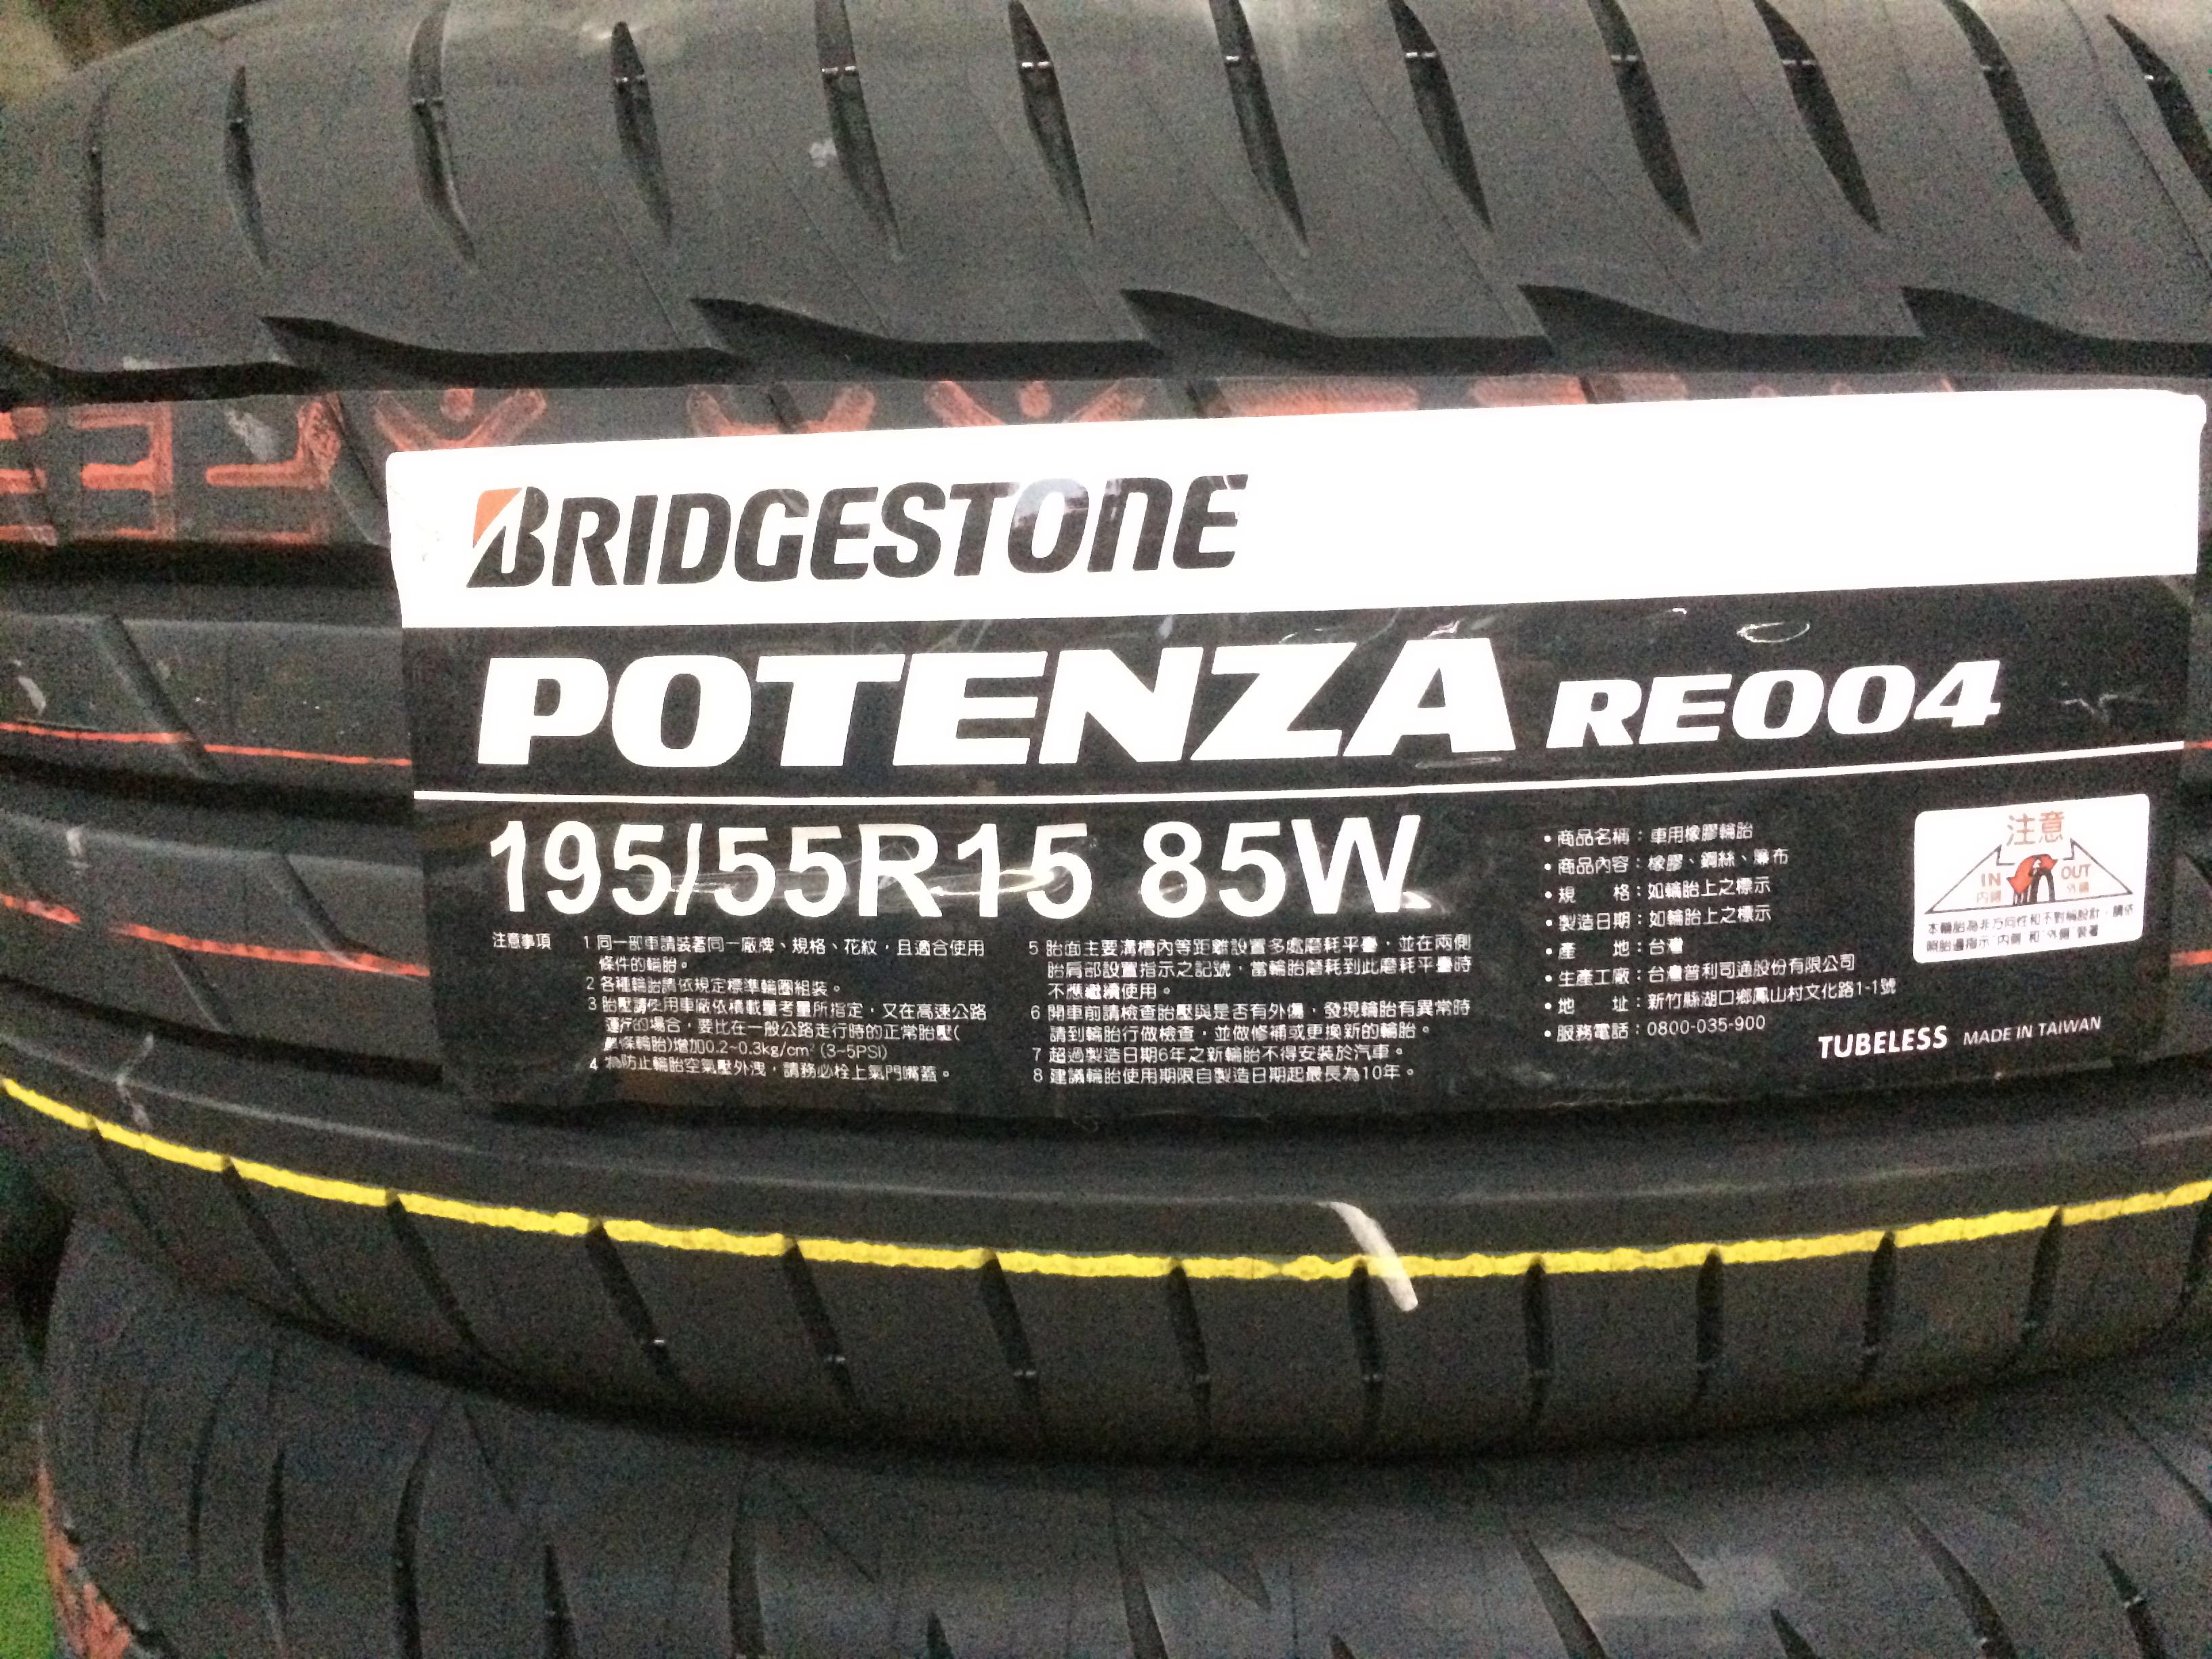 台北永信輪胎~普利司通輪胎 RE004 195/55R15 85W 四輪含安裝 四輪定位